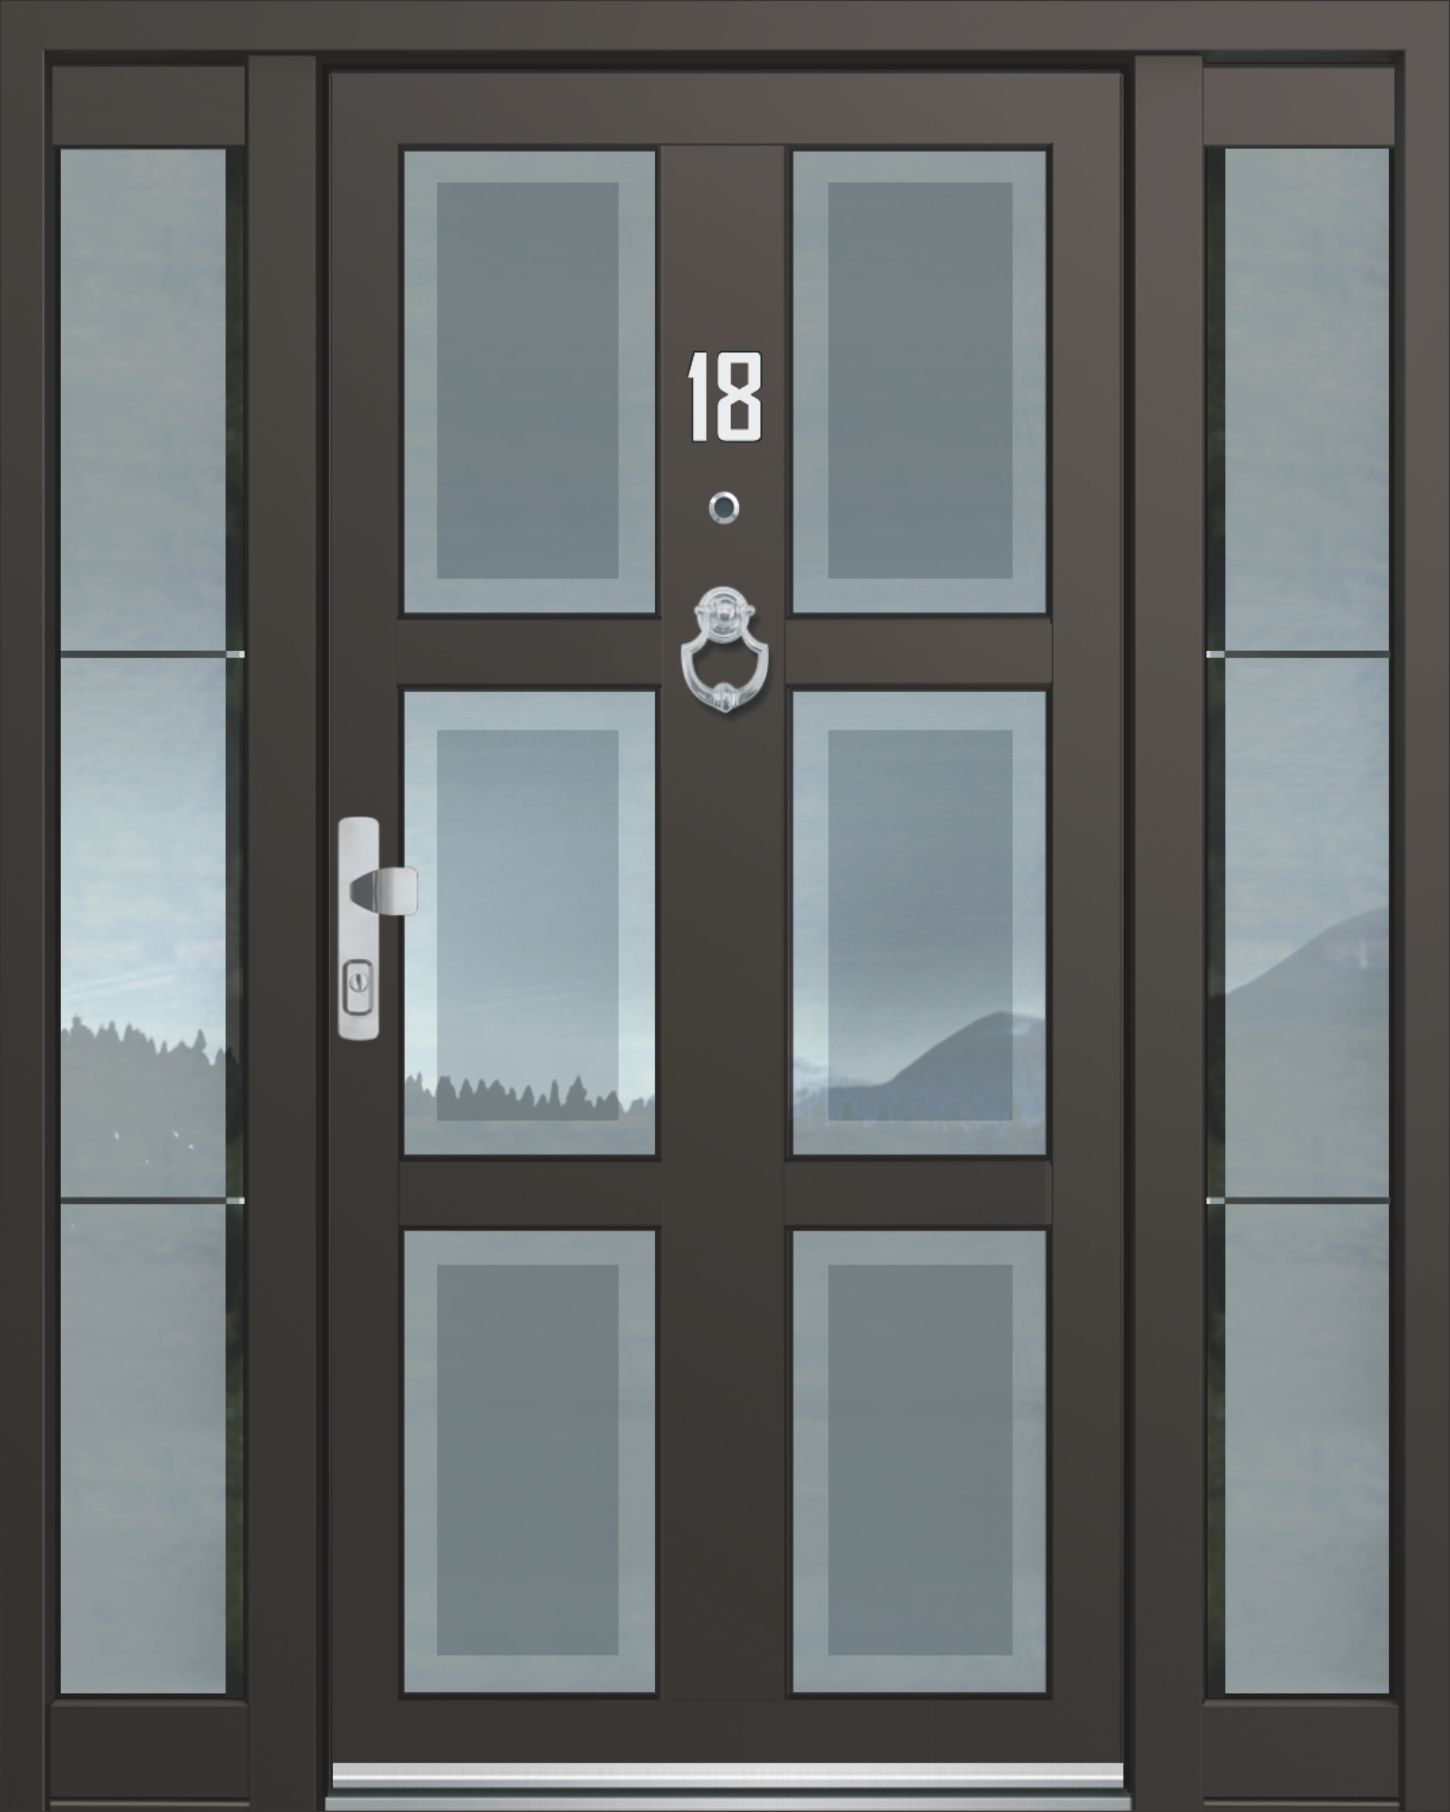 Inotherm Haustür Modell ASS 1779 Tür Mit Viel Glas Preis Auf Anfrage Bei  Www.1001